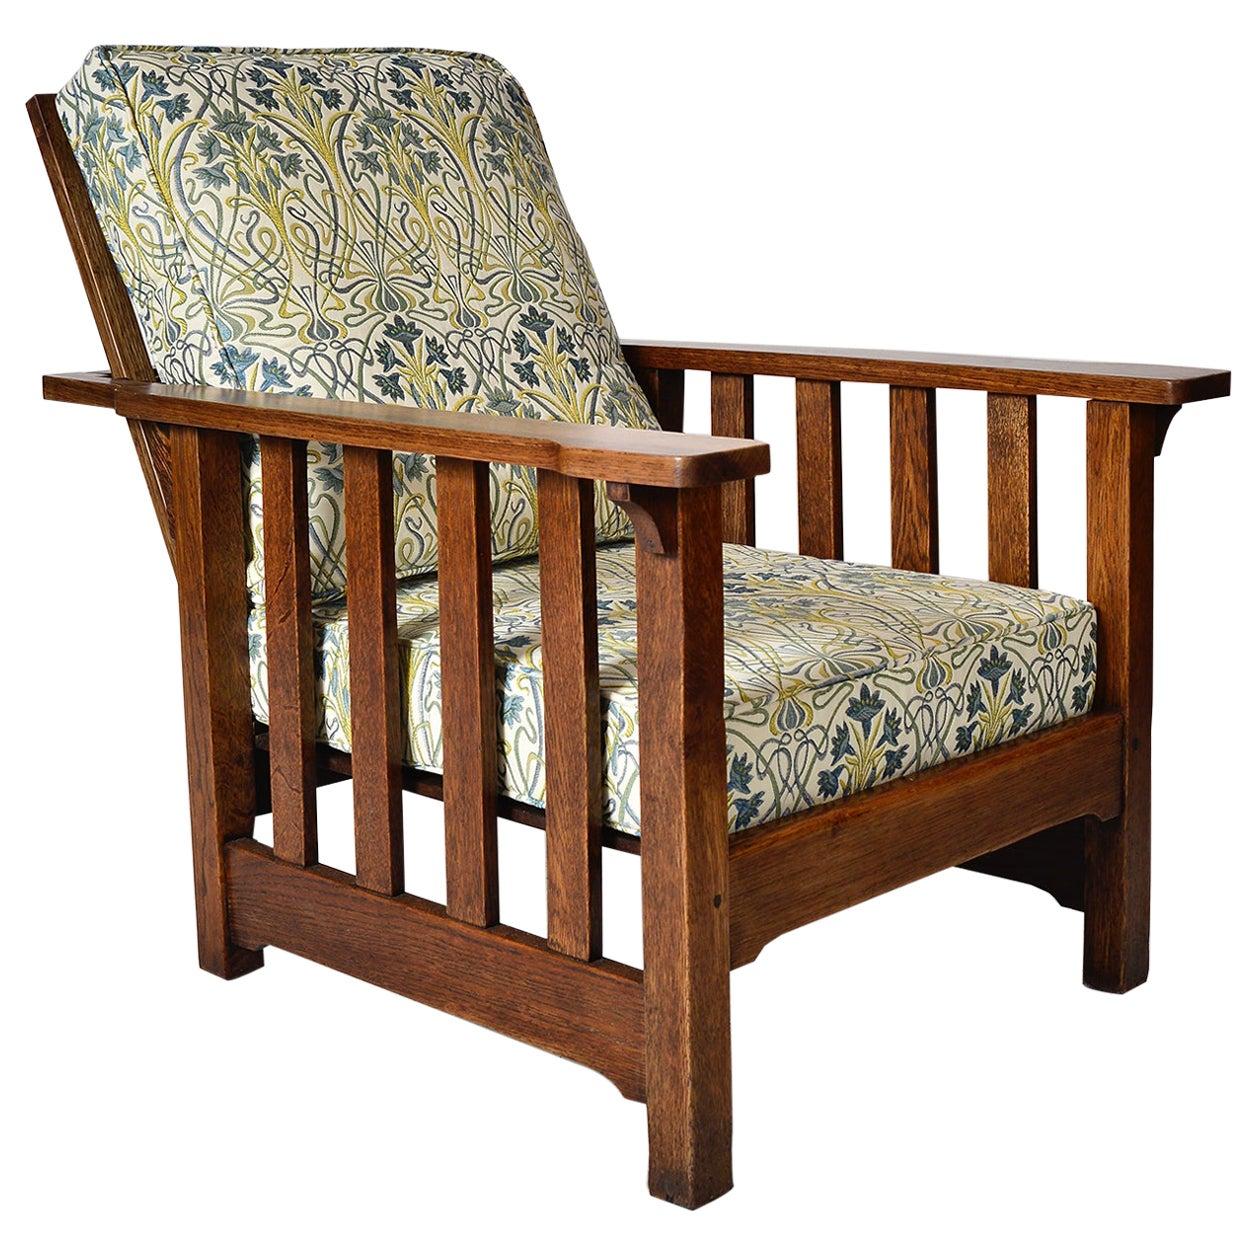 Antique Oak Morris Chair Recliner Gustav Stickley Mission Eastlake Arts & Crafts